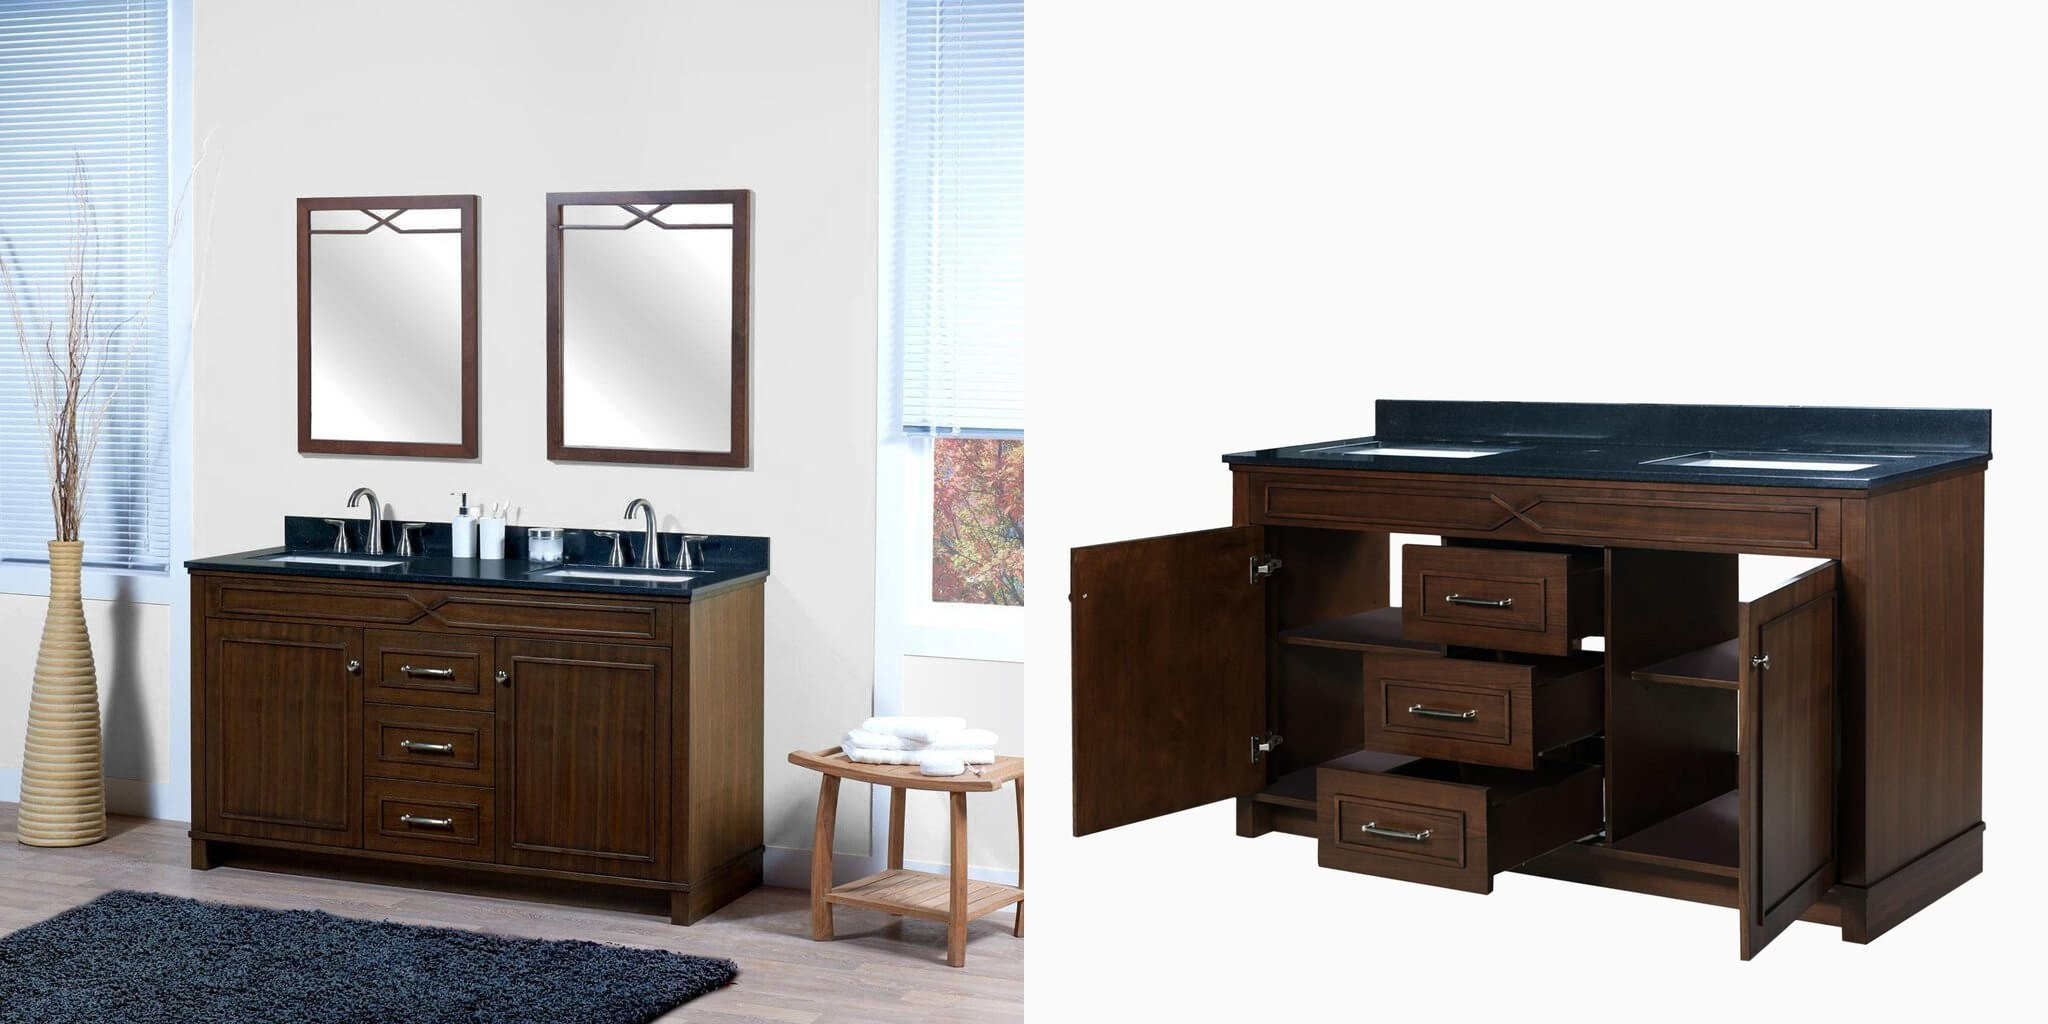 60 inch double sink bathroom vanities